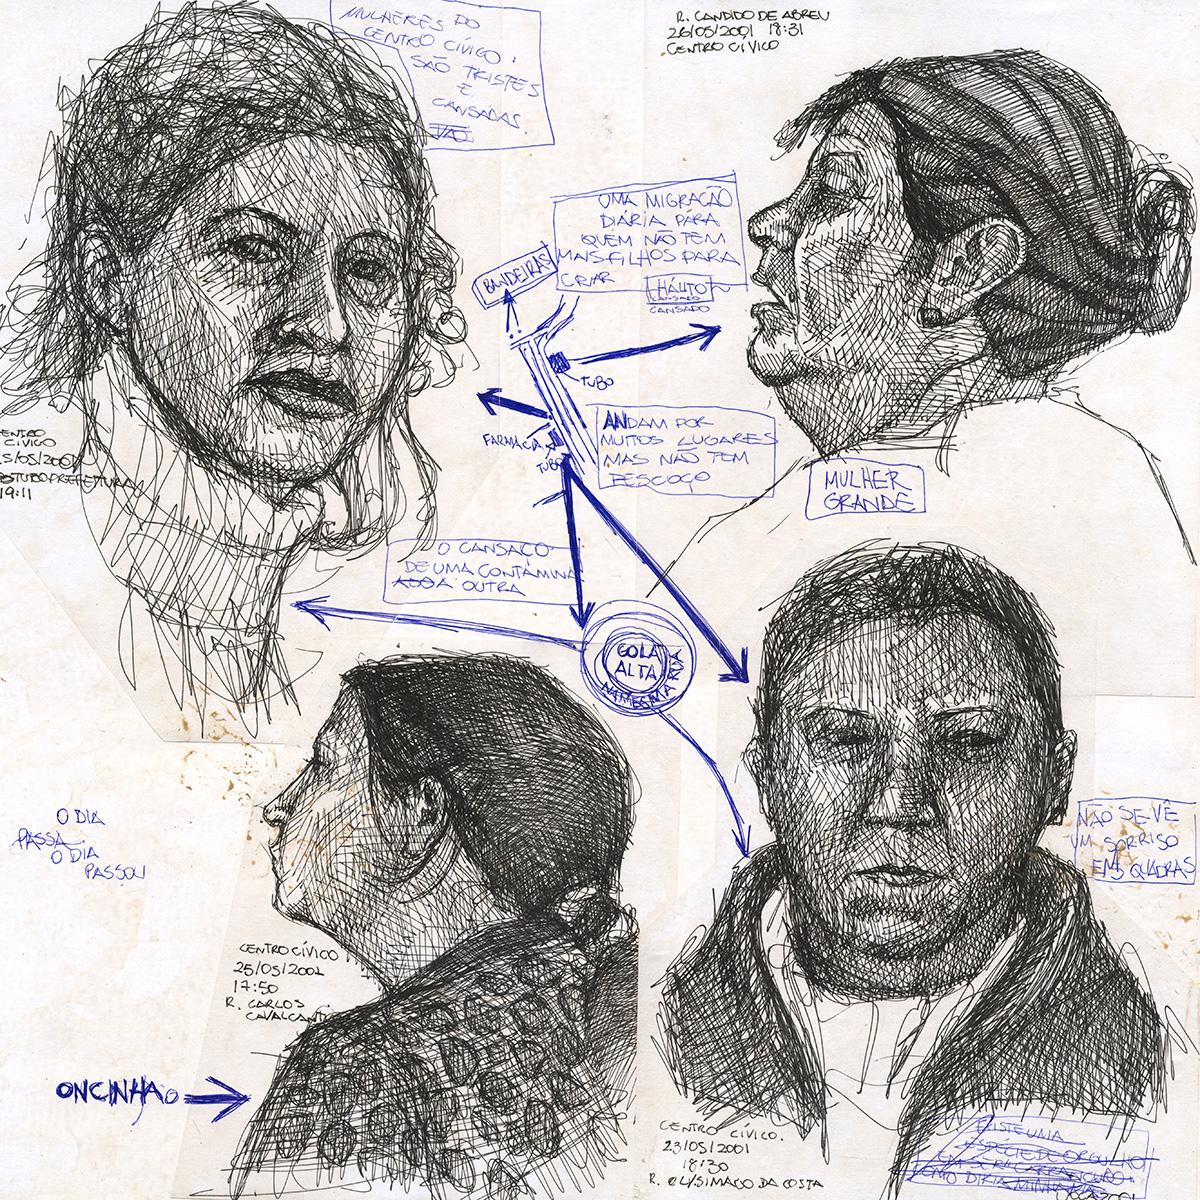 Desenho atribuído a Joaquim de Souza - Fase 2 - 2001.05.25_(17.50)]